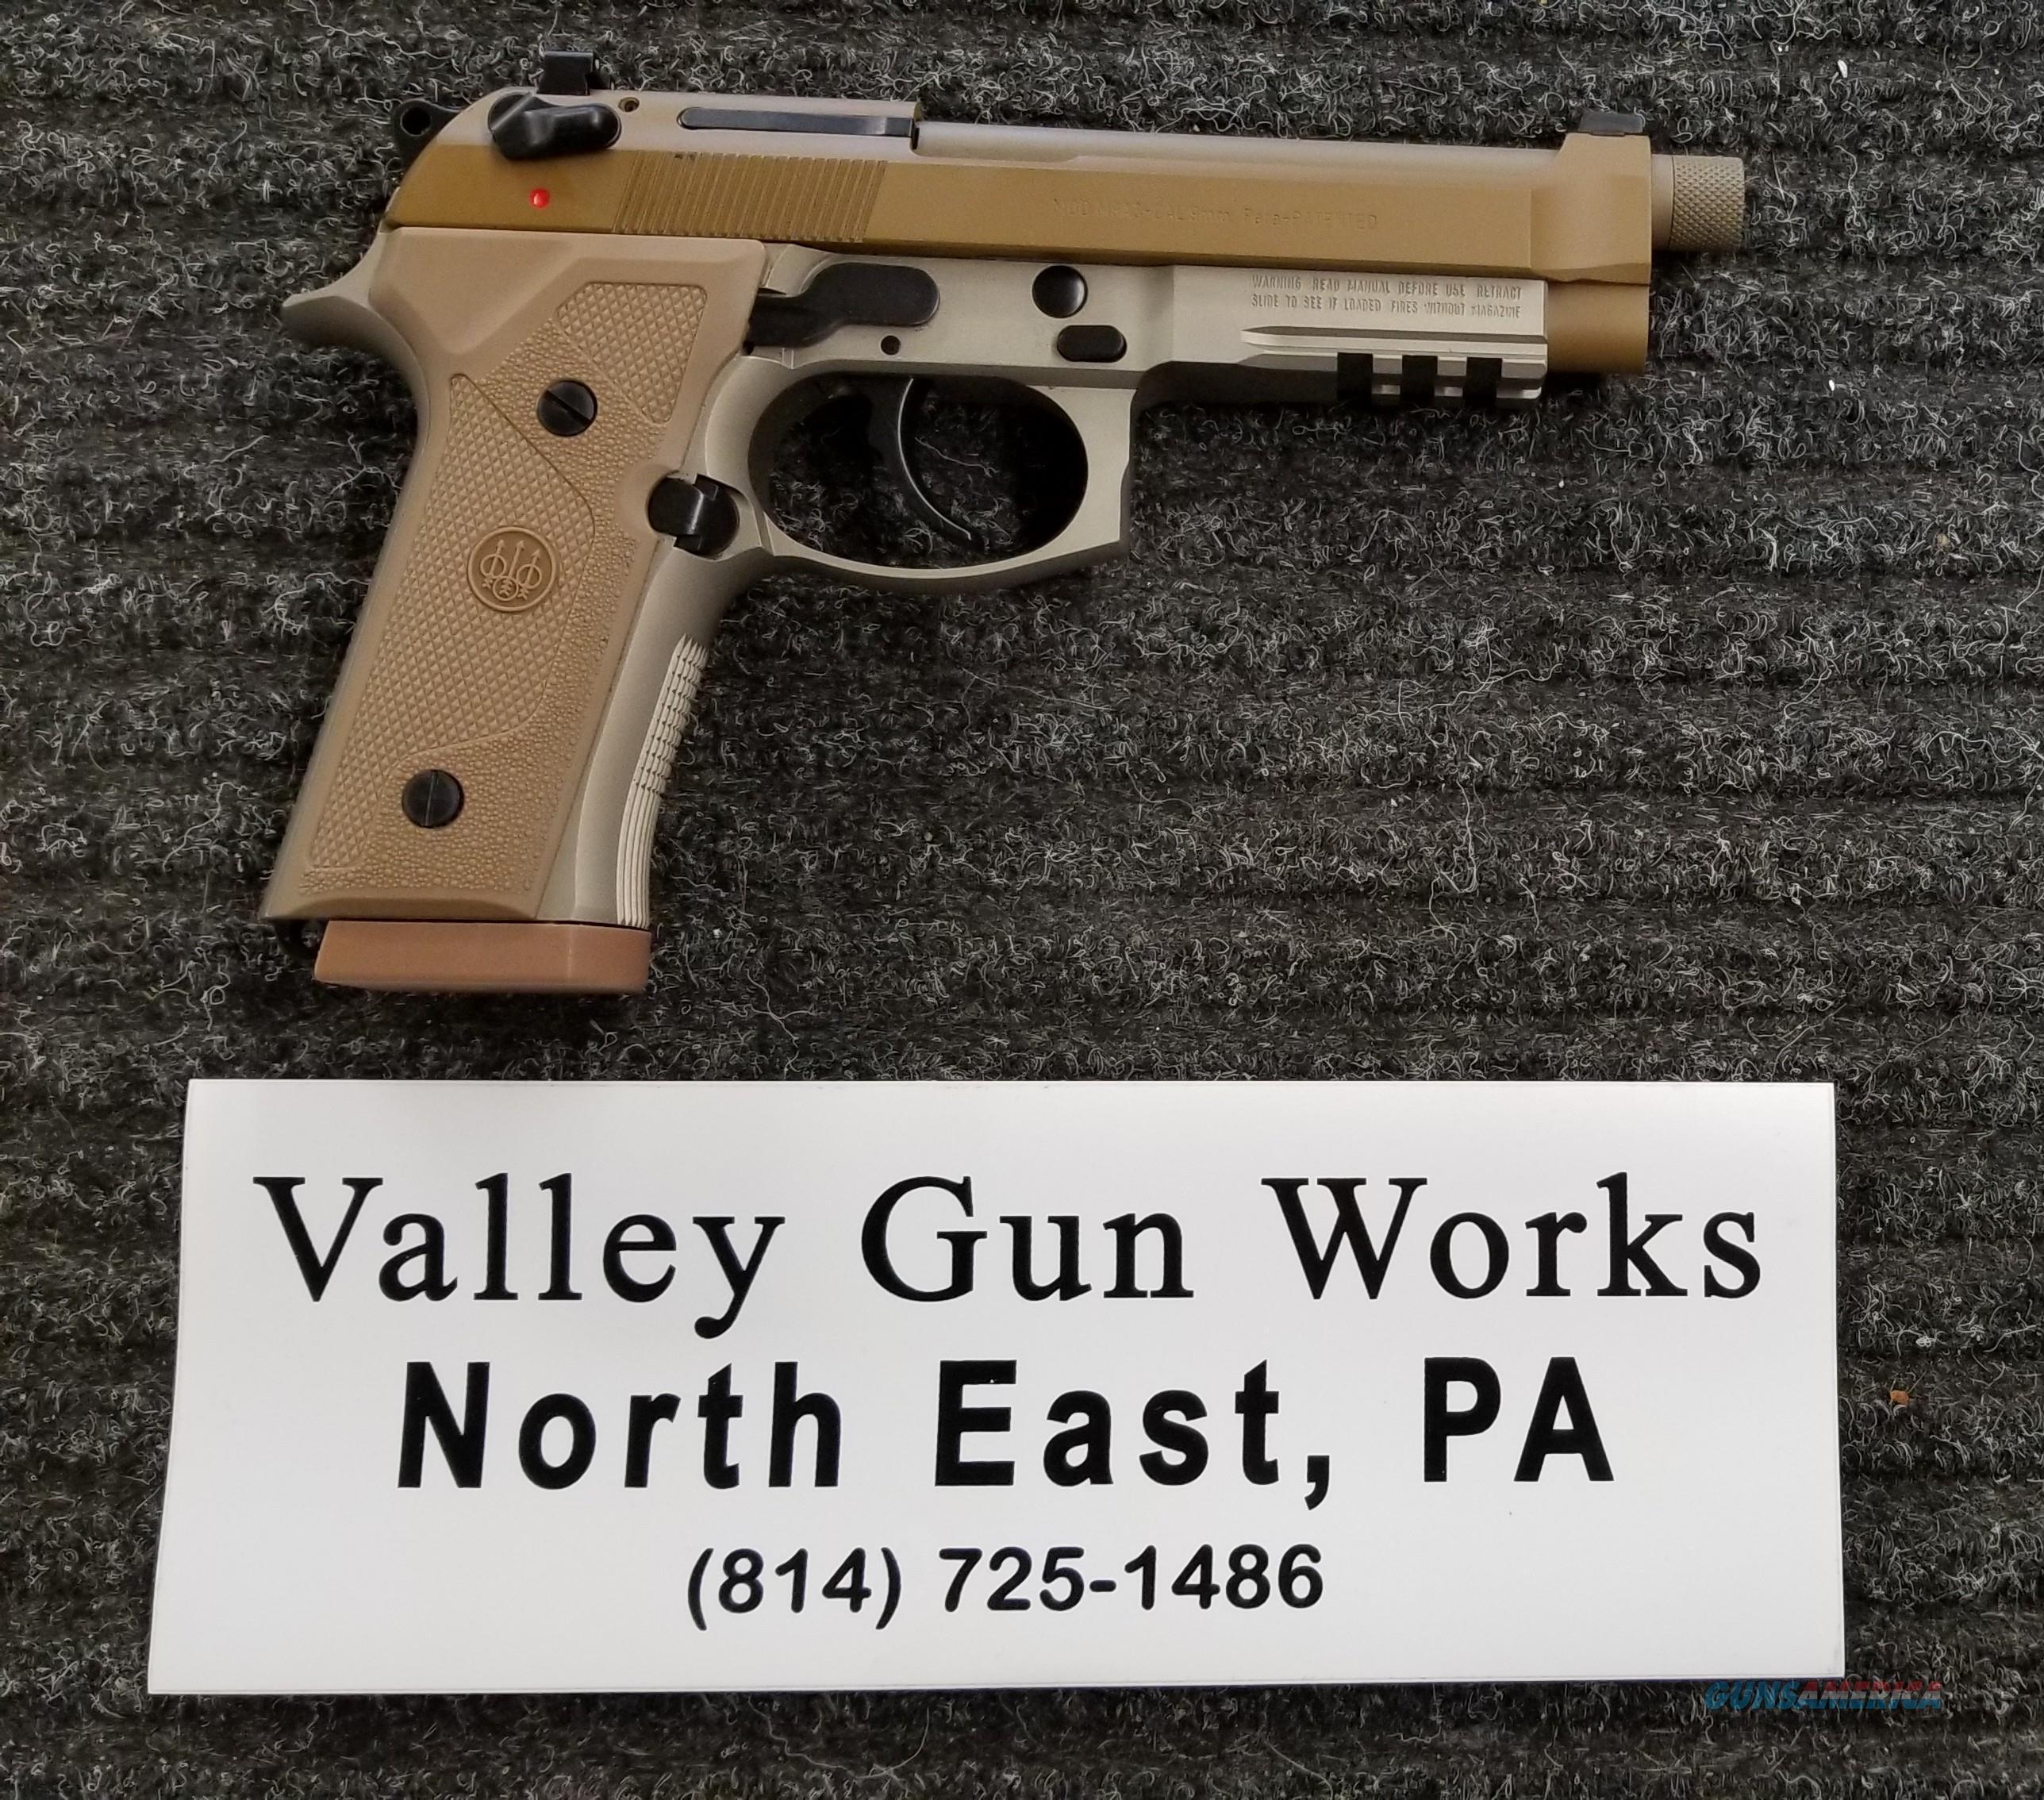 Beretta M9A3 - 9mm - Complete Kit - Threaded - Free Shipping  Guns > Pistols > Beretta Pistols > M9